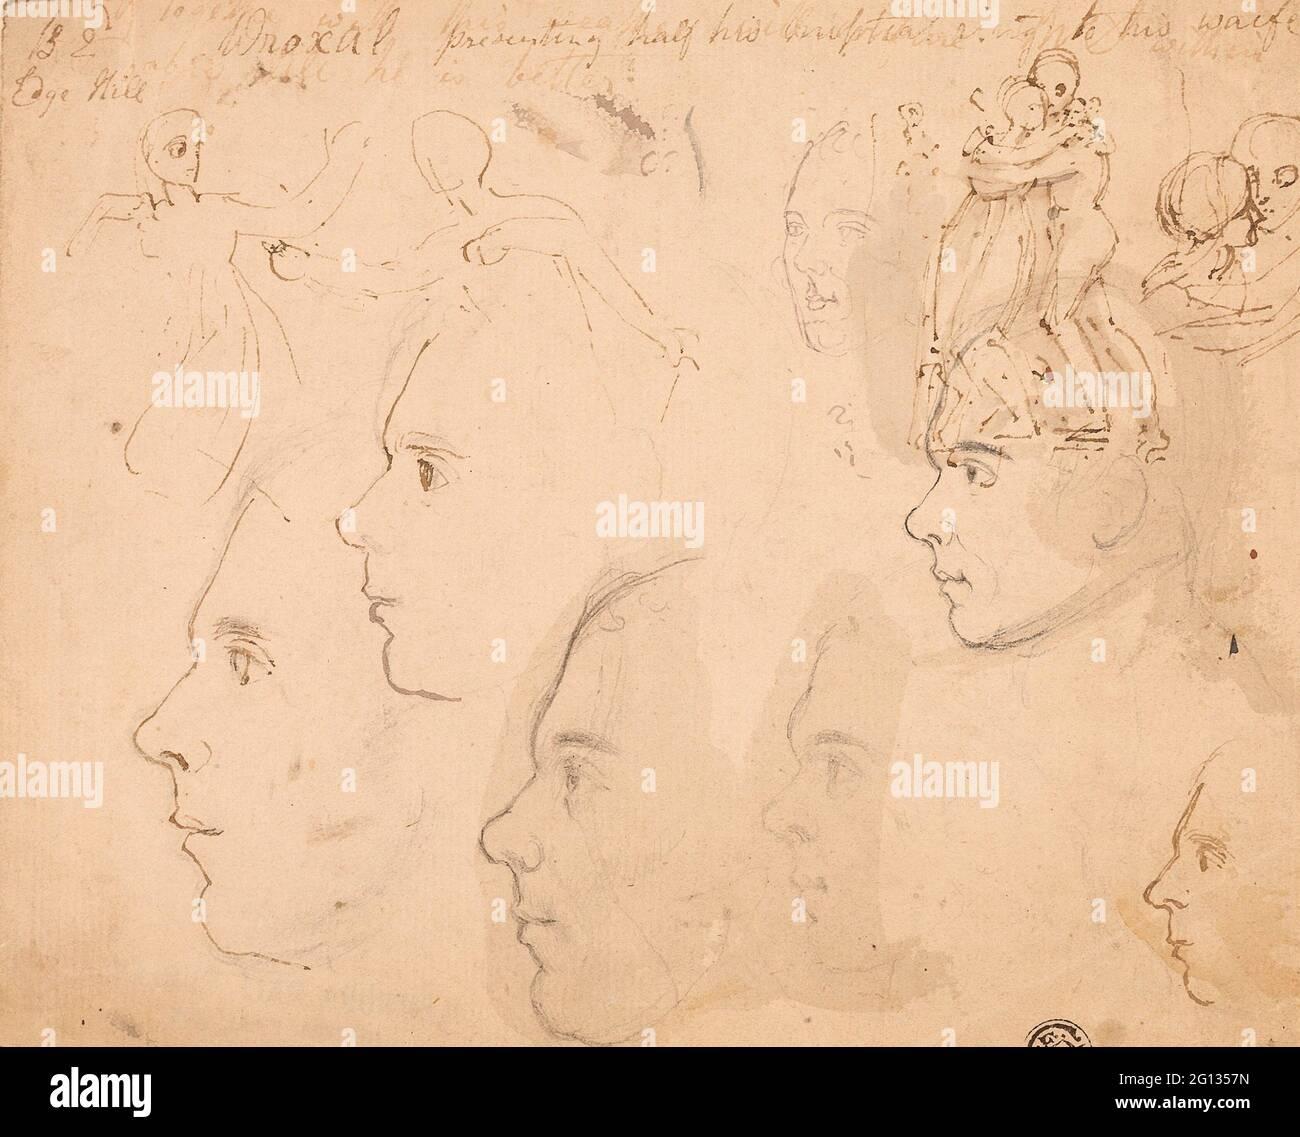 Autor: Thomas Stothard. Bosquejos de perfiles masculinos, abrazando a la pareja - atribuido a Thomas Stothard English, 1755-1834. Grafito y pluma y marrón Foto de stock